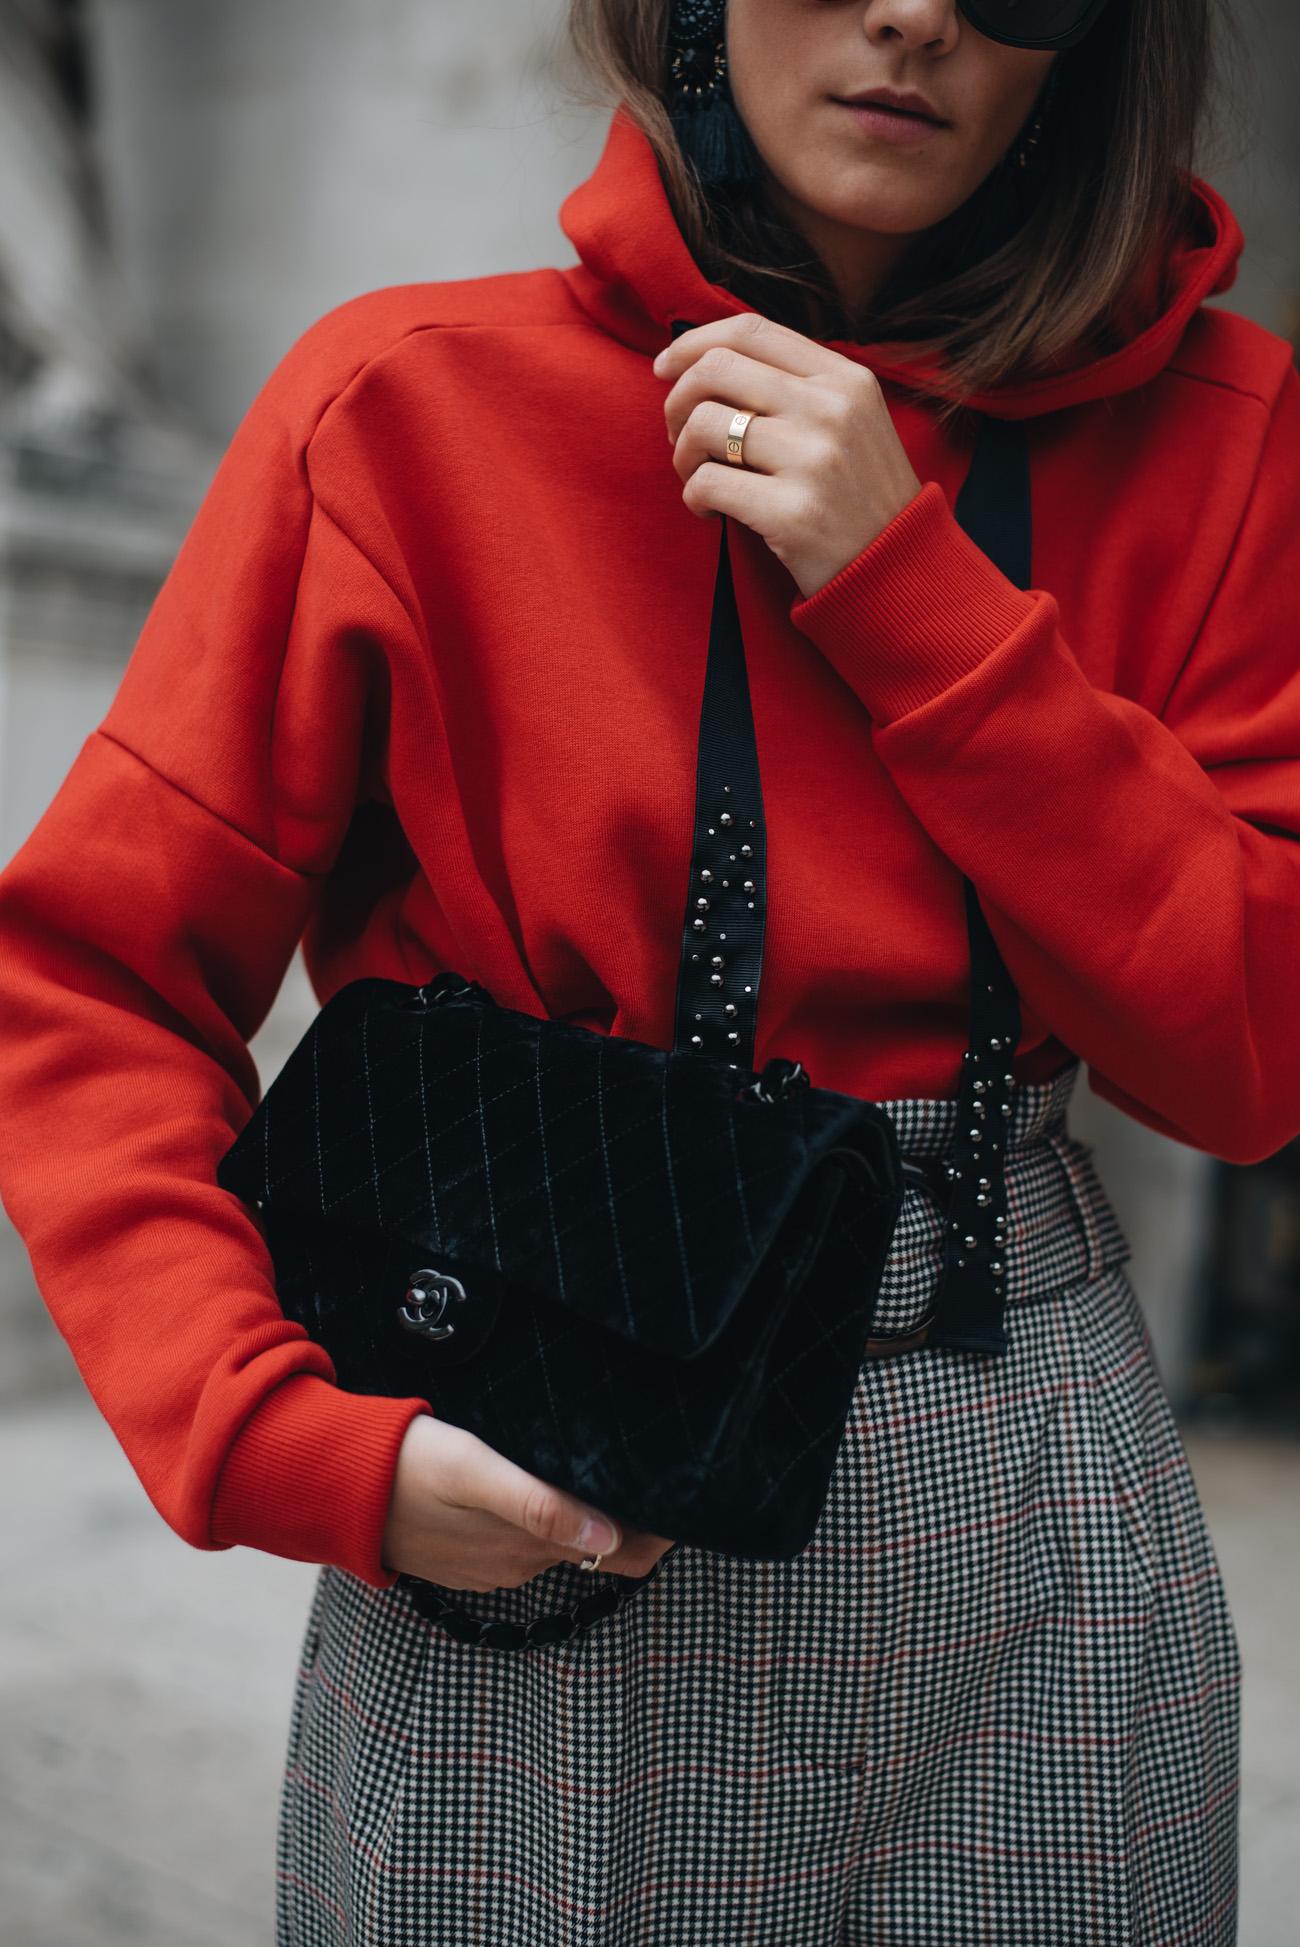 Chanel-Timeless-2.55-taschen-klassiker-schwarz-samt-silberne-hardware-gebraucht-vintage-kaufen-fashiioncarpet-nina-schwichtenberg